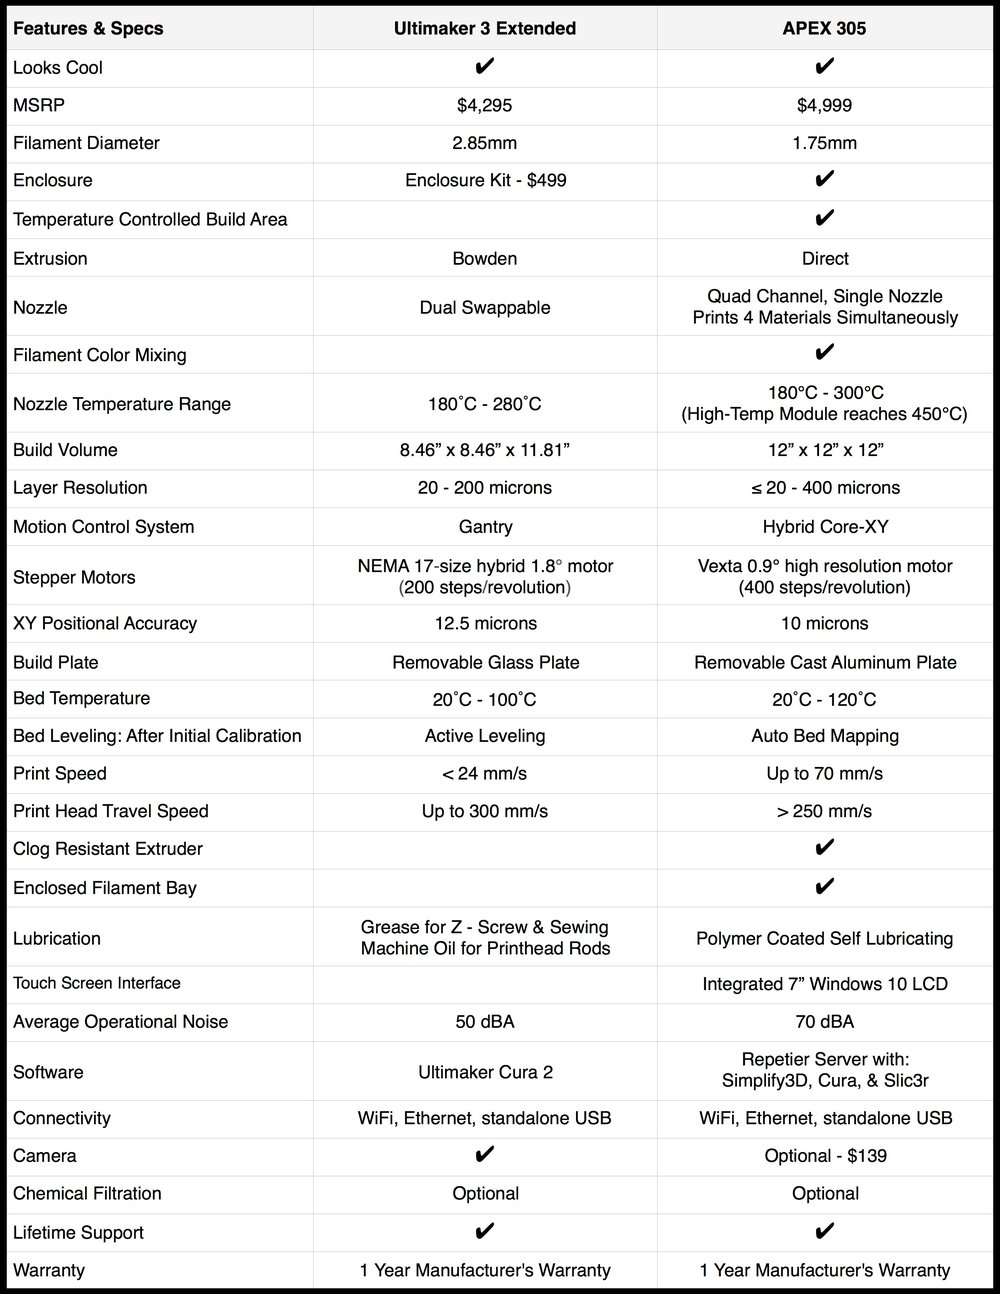 APEX 305 vs. Ultimaker 3 Extended.jpg